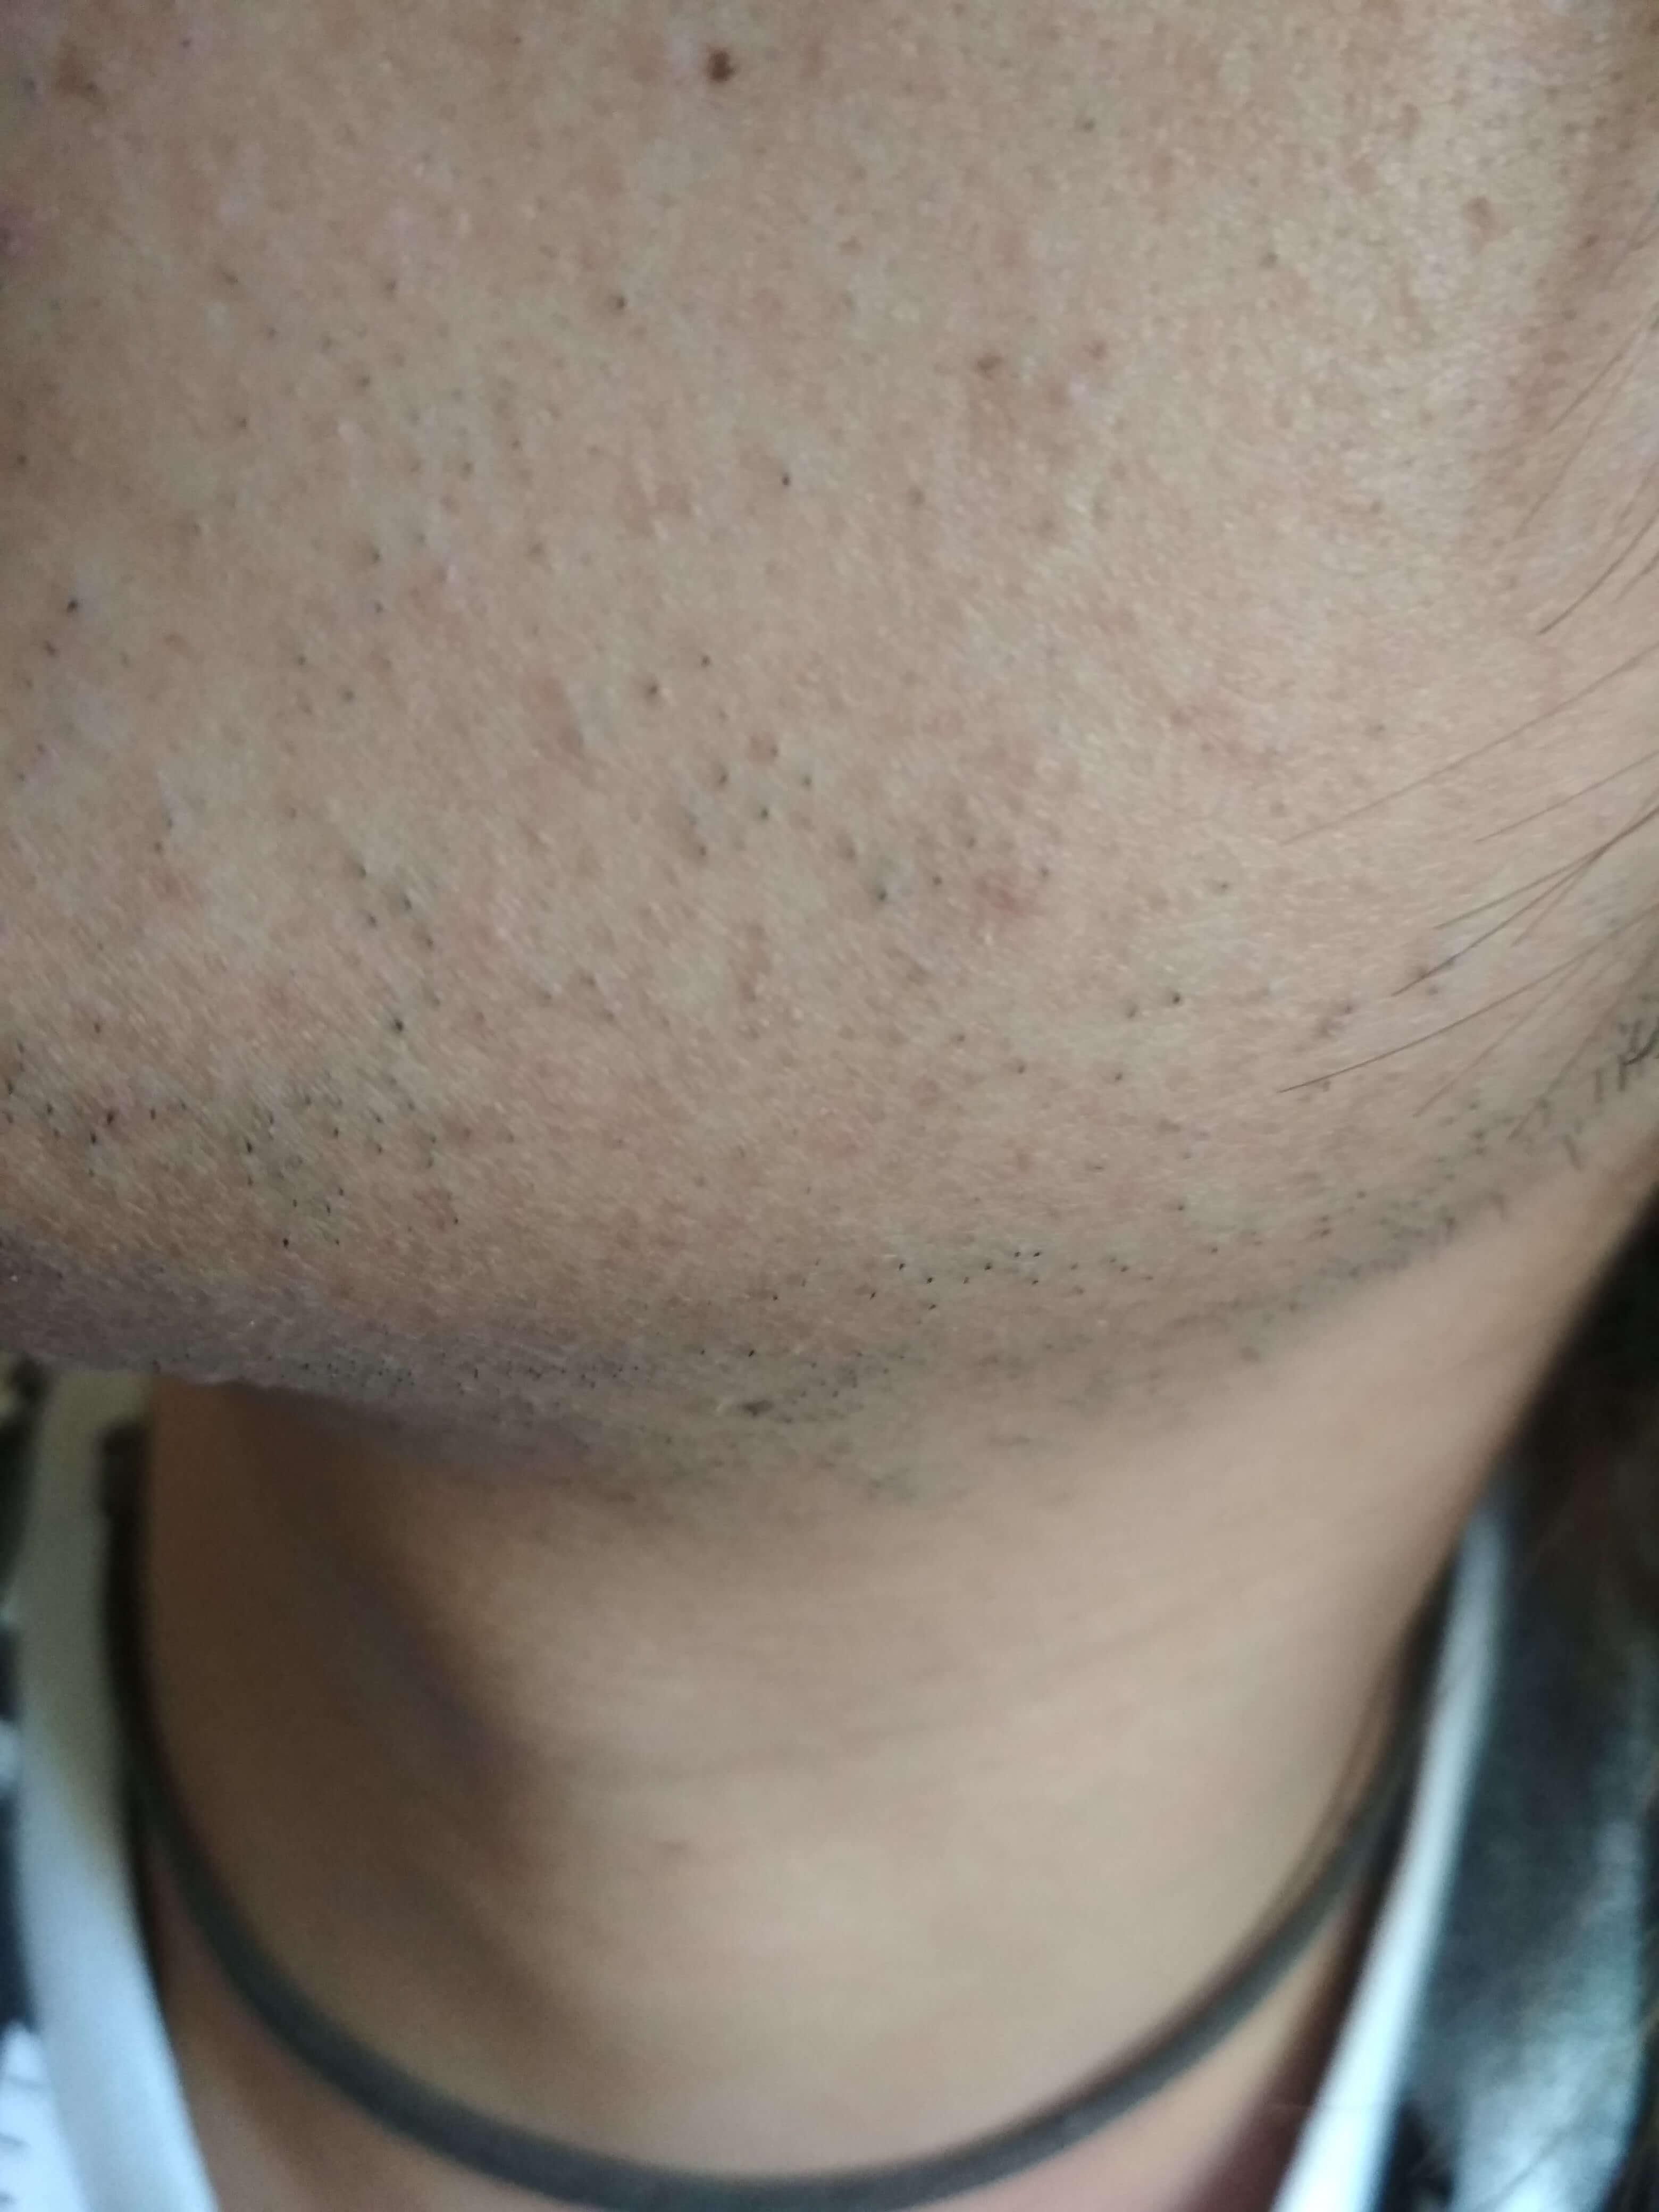 ヒゲ脱毛20日後